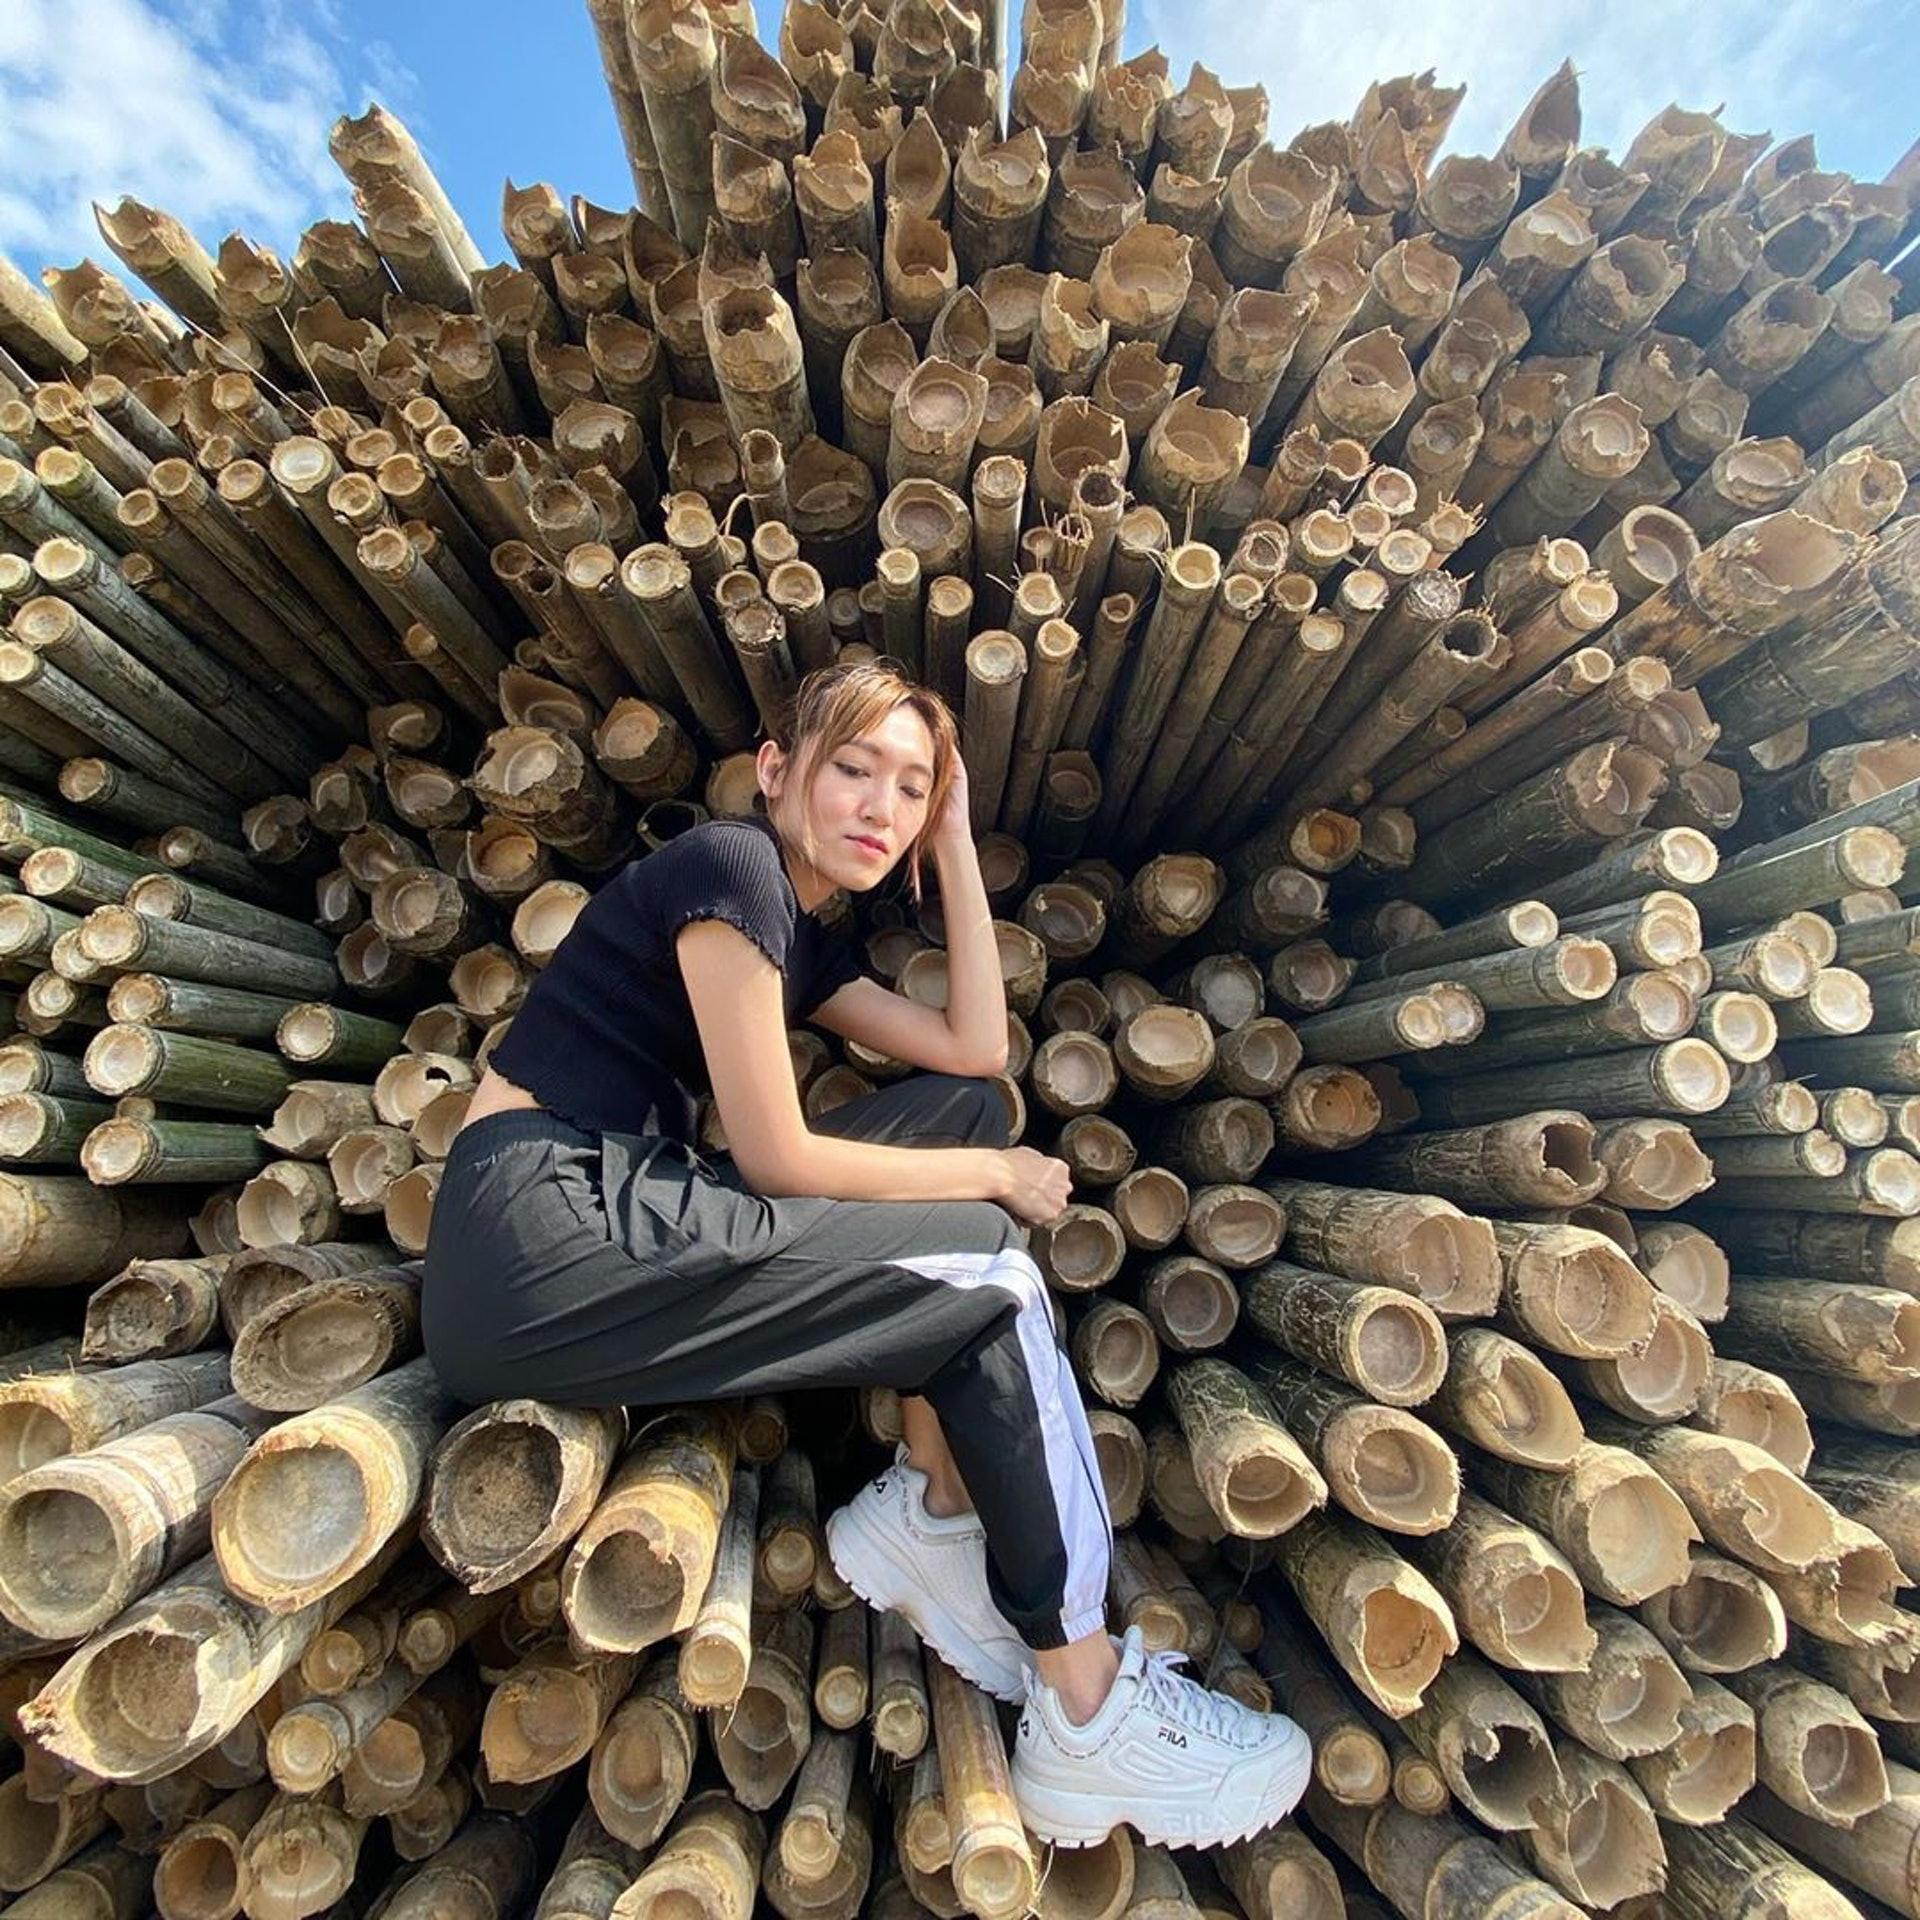 大堆竹枝砌成的竹棚是熱門的打卡背景板,不過要坐上去就有點危險,不要亂試。(ig@ chuangpig)